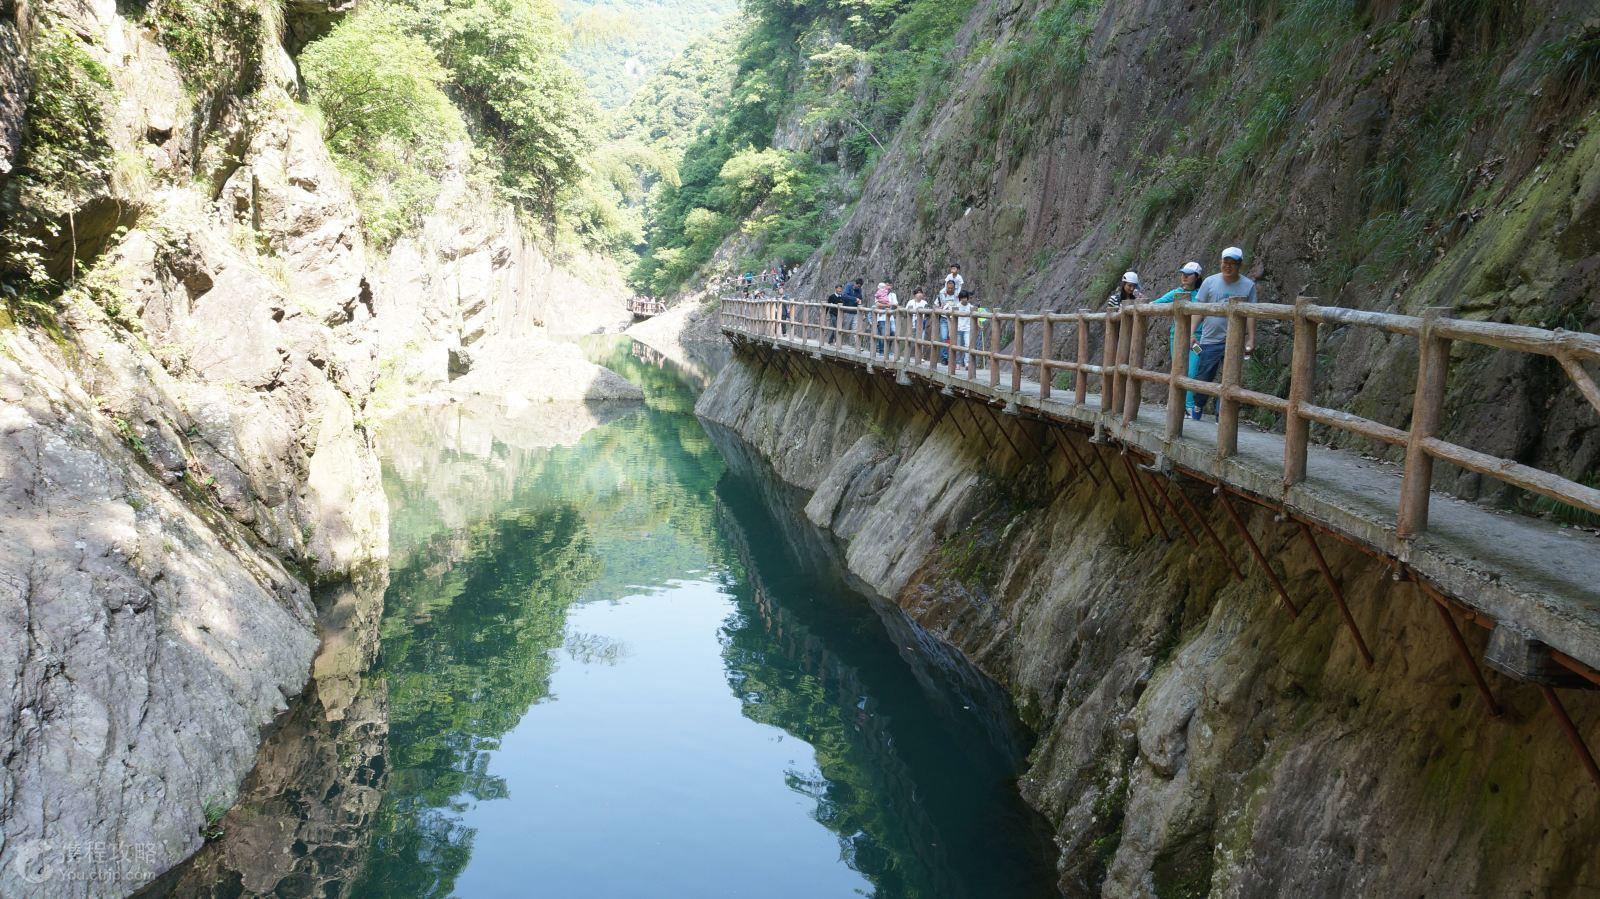 龙穿峡景区位于白鹤镇内,是天台开发较晚的一处景点.